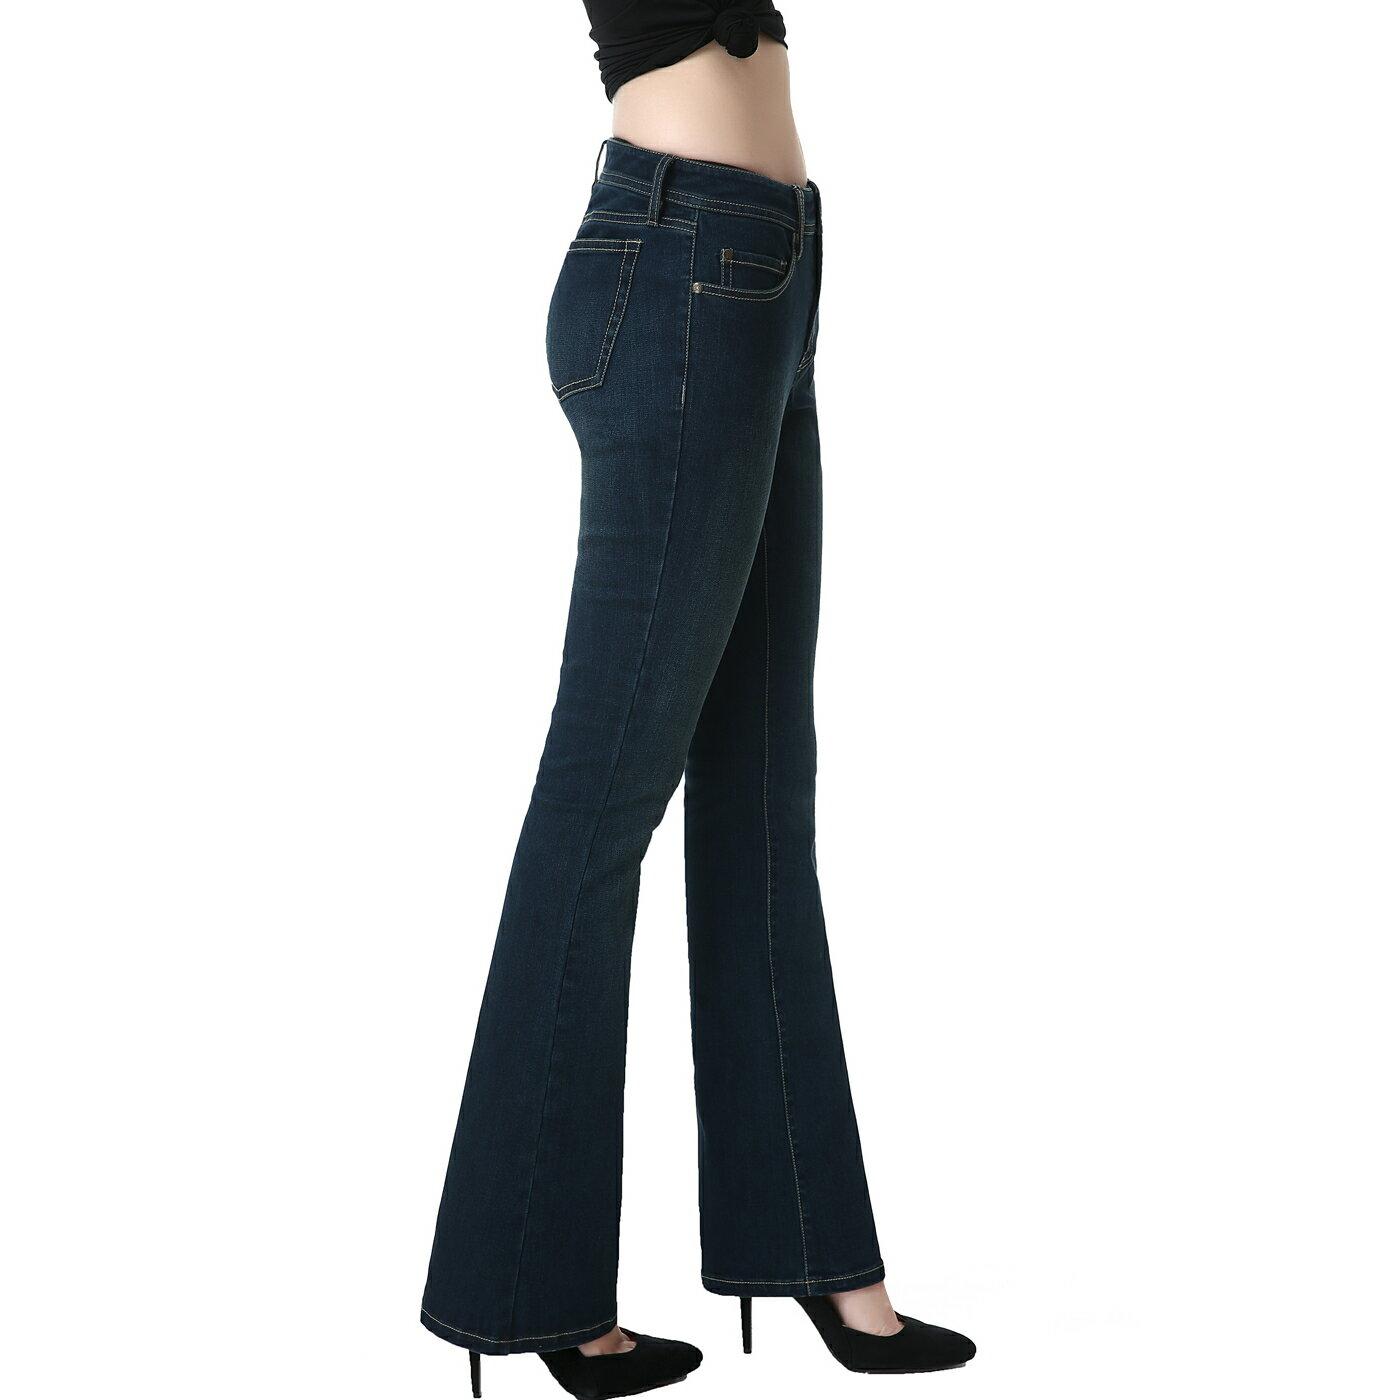 ff696104ea Luxury Lane  phistic Women s Ultra Stretch Rich Indigo Modern ...